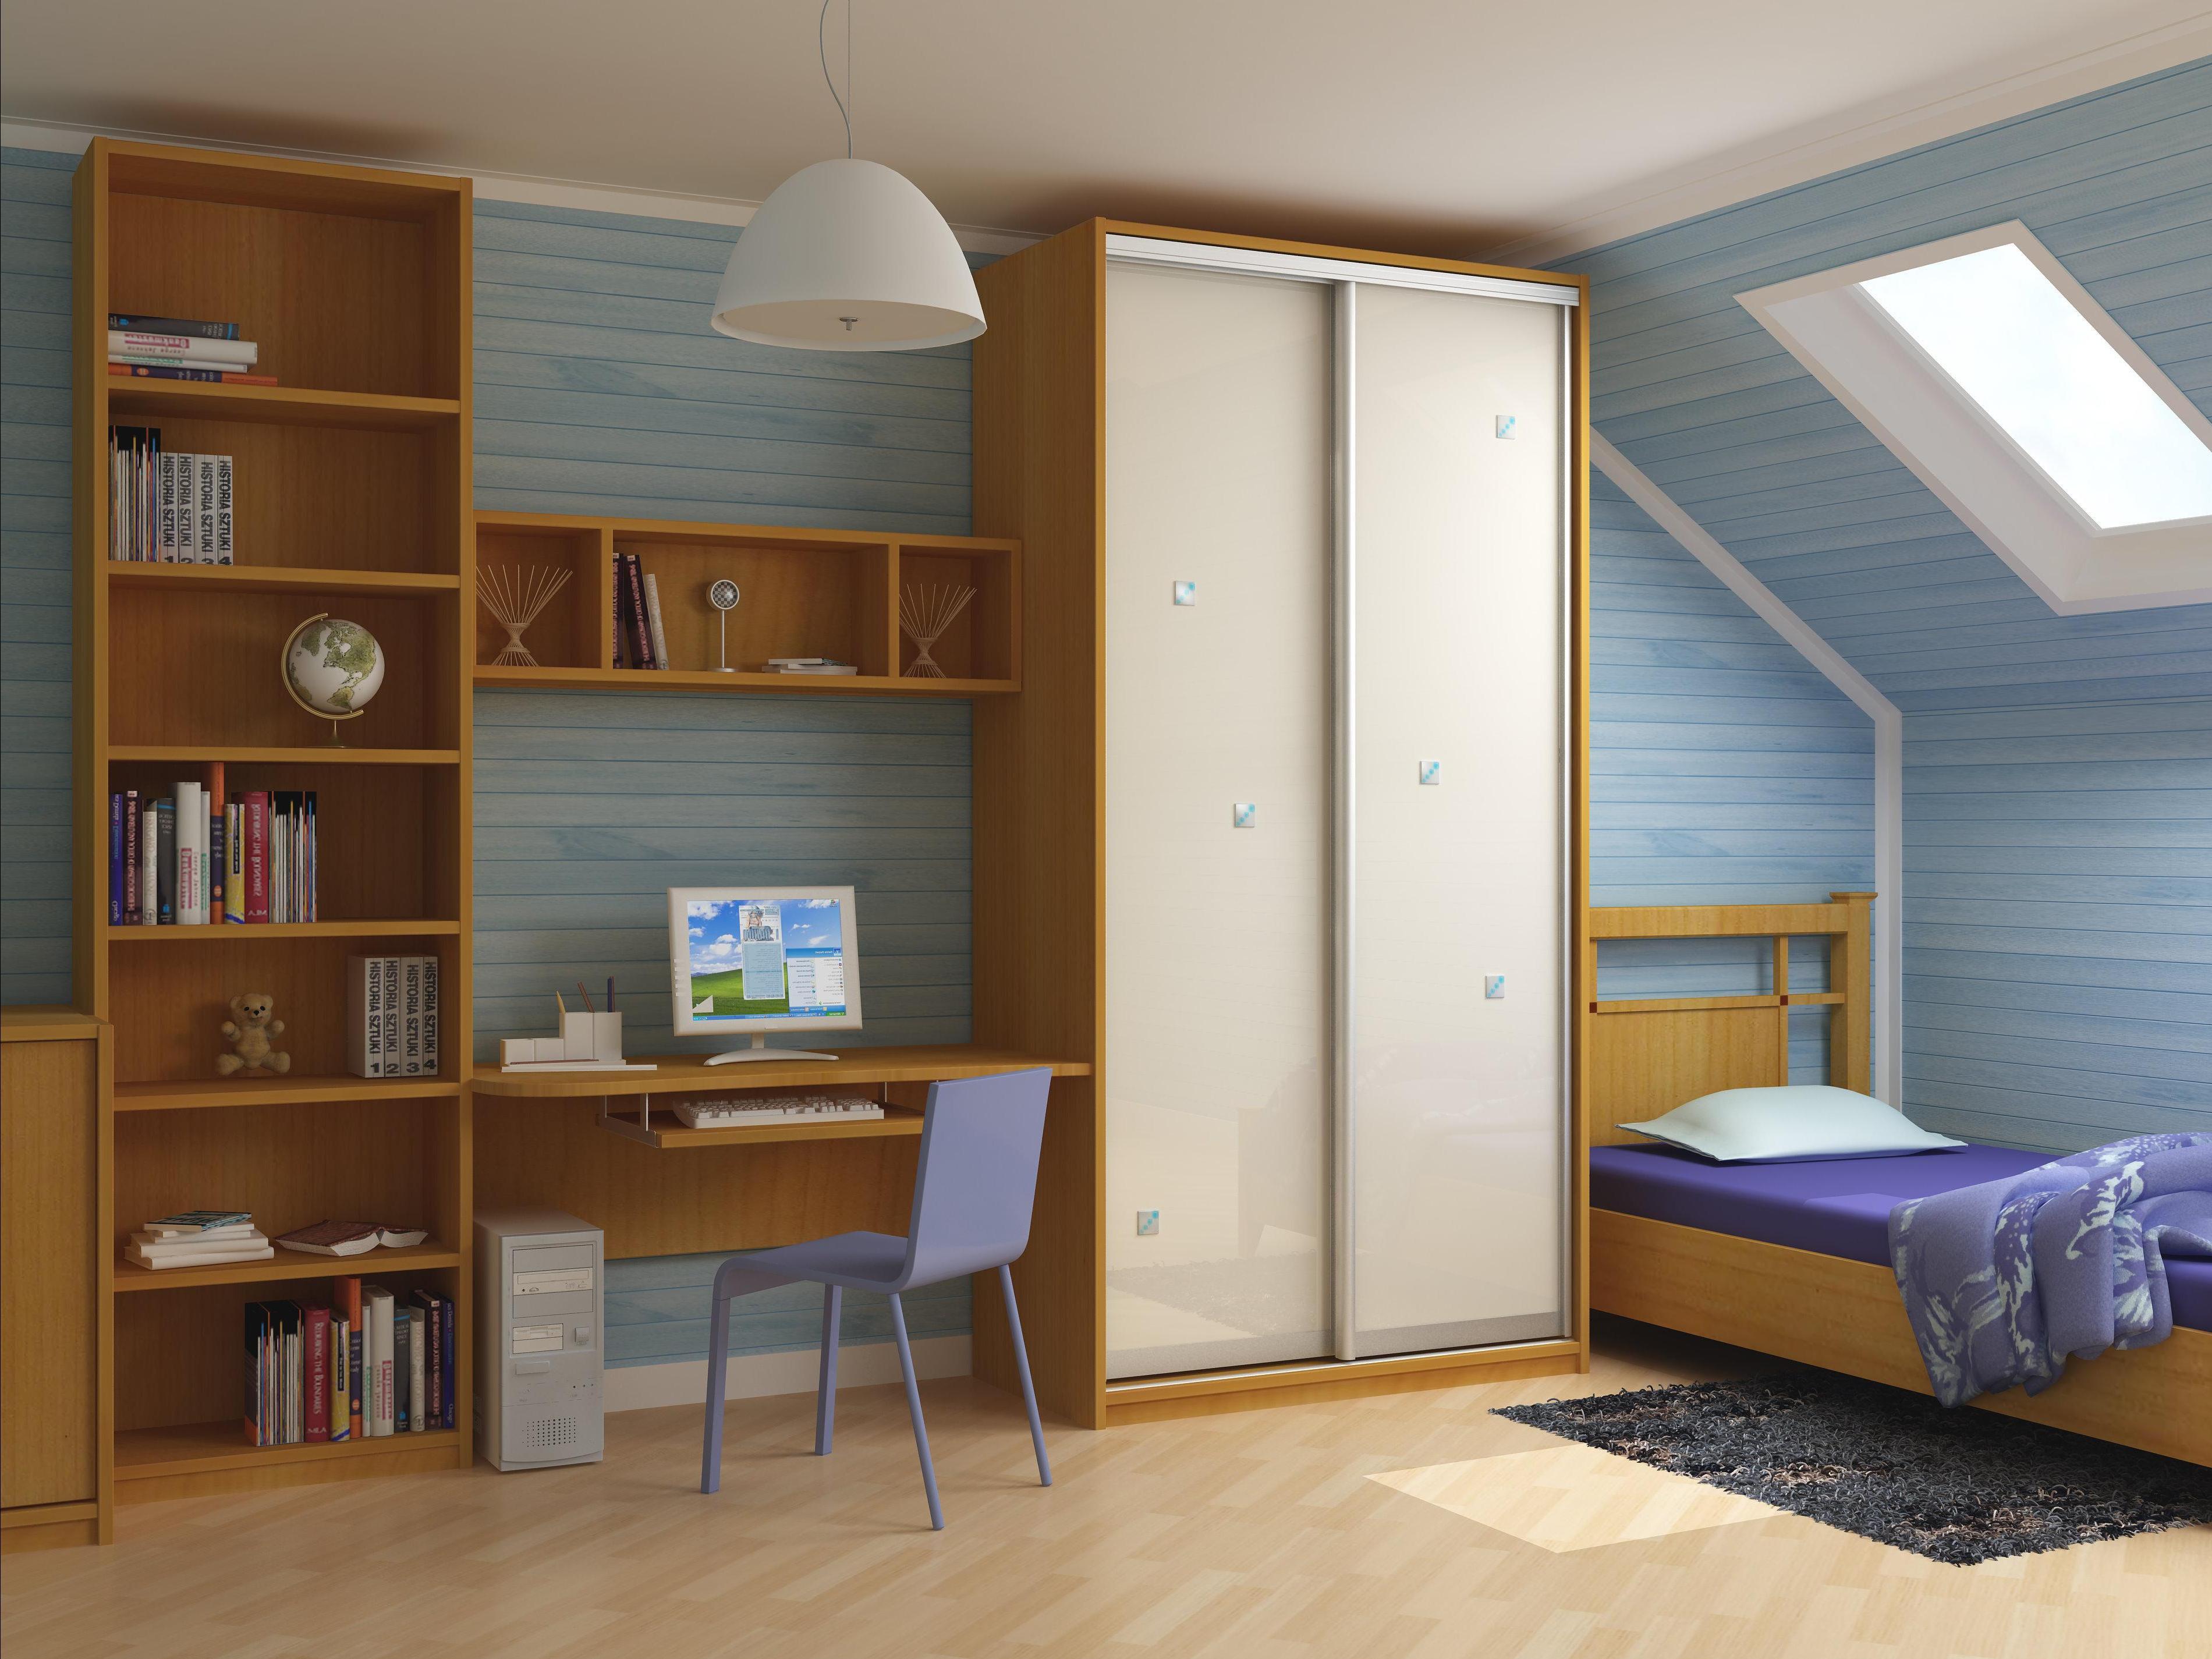 Мебель для подростков и молодежи фото вариантов. фабрика меб.